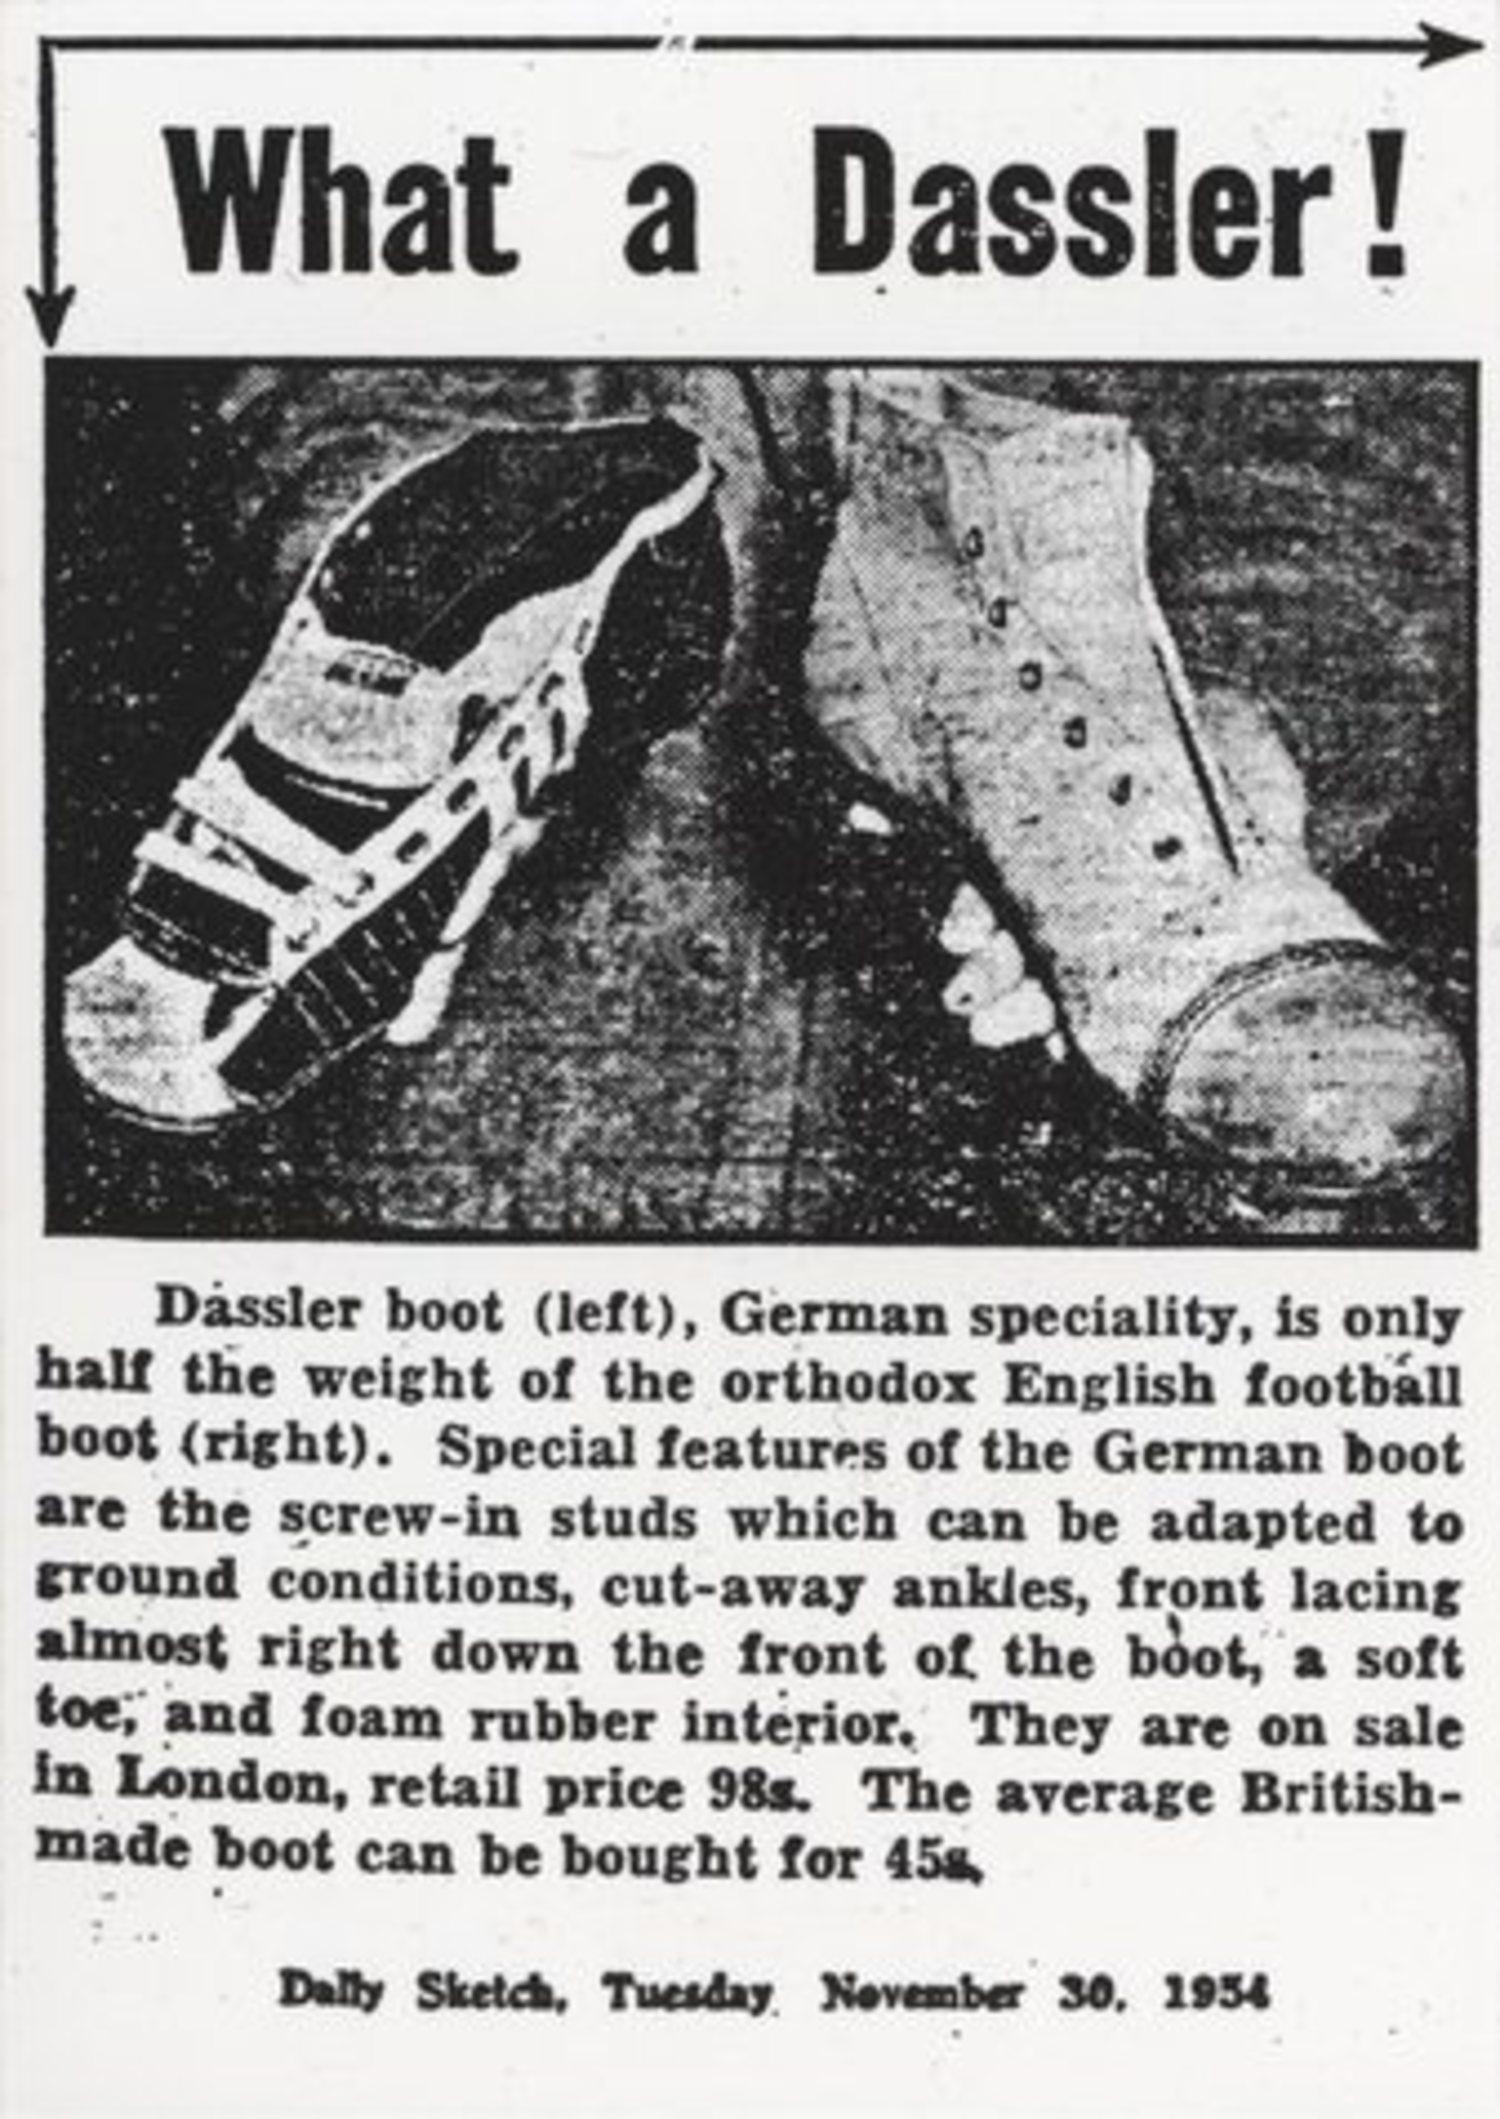 Alemania Occidental ganó el Mundial de 1954 y las botas diseñadas por 'Adi' Dassler, usadas por los jugadores, asombraron a todo el público.